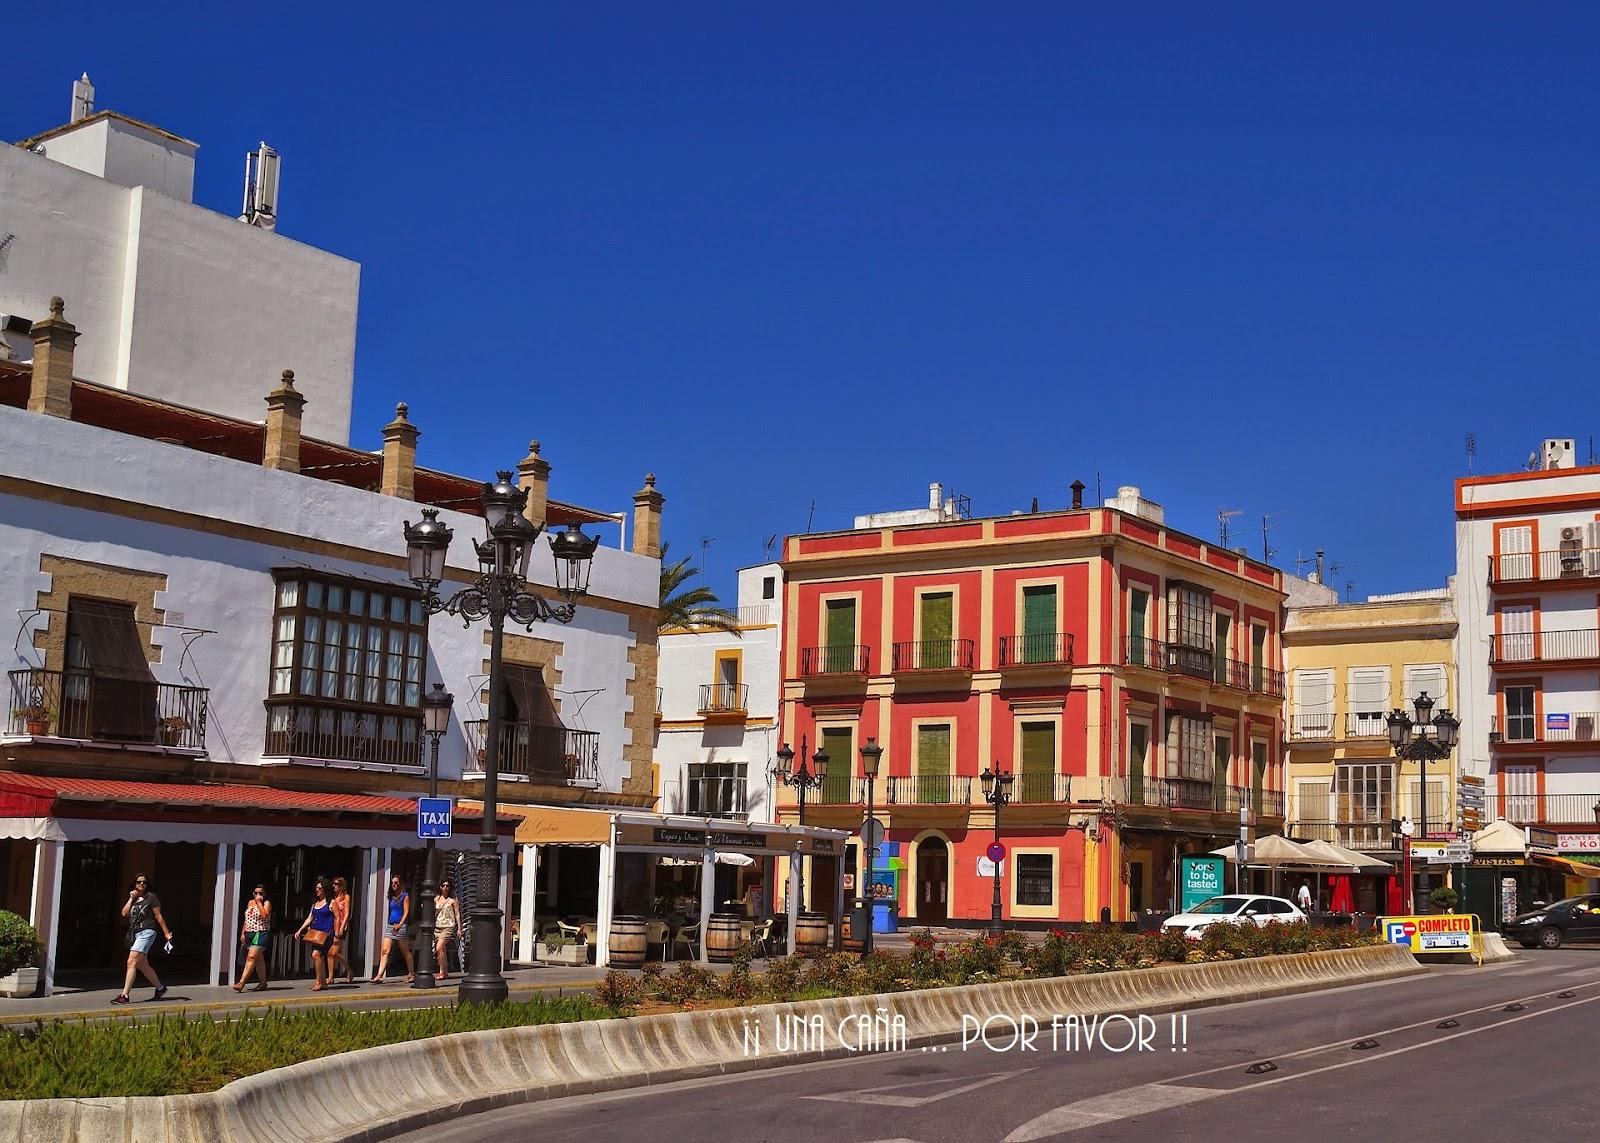 Una ca a por favor puerto de santa mar a c diz junio 2014 - Puerto santa maria cadiz ...